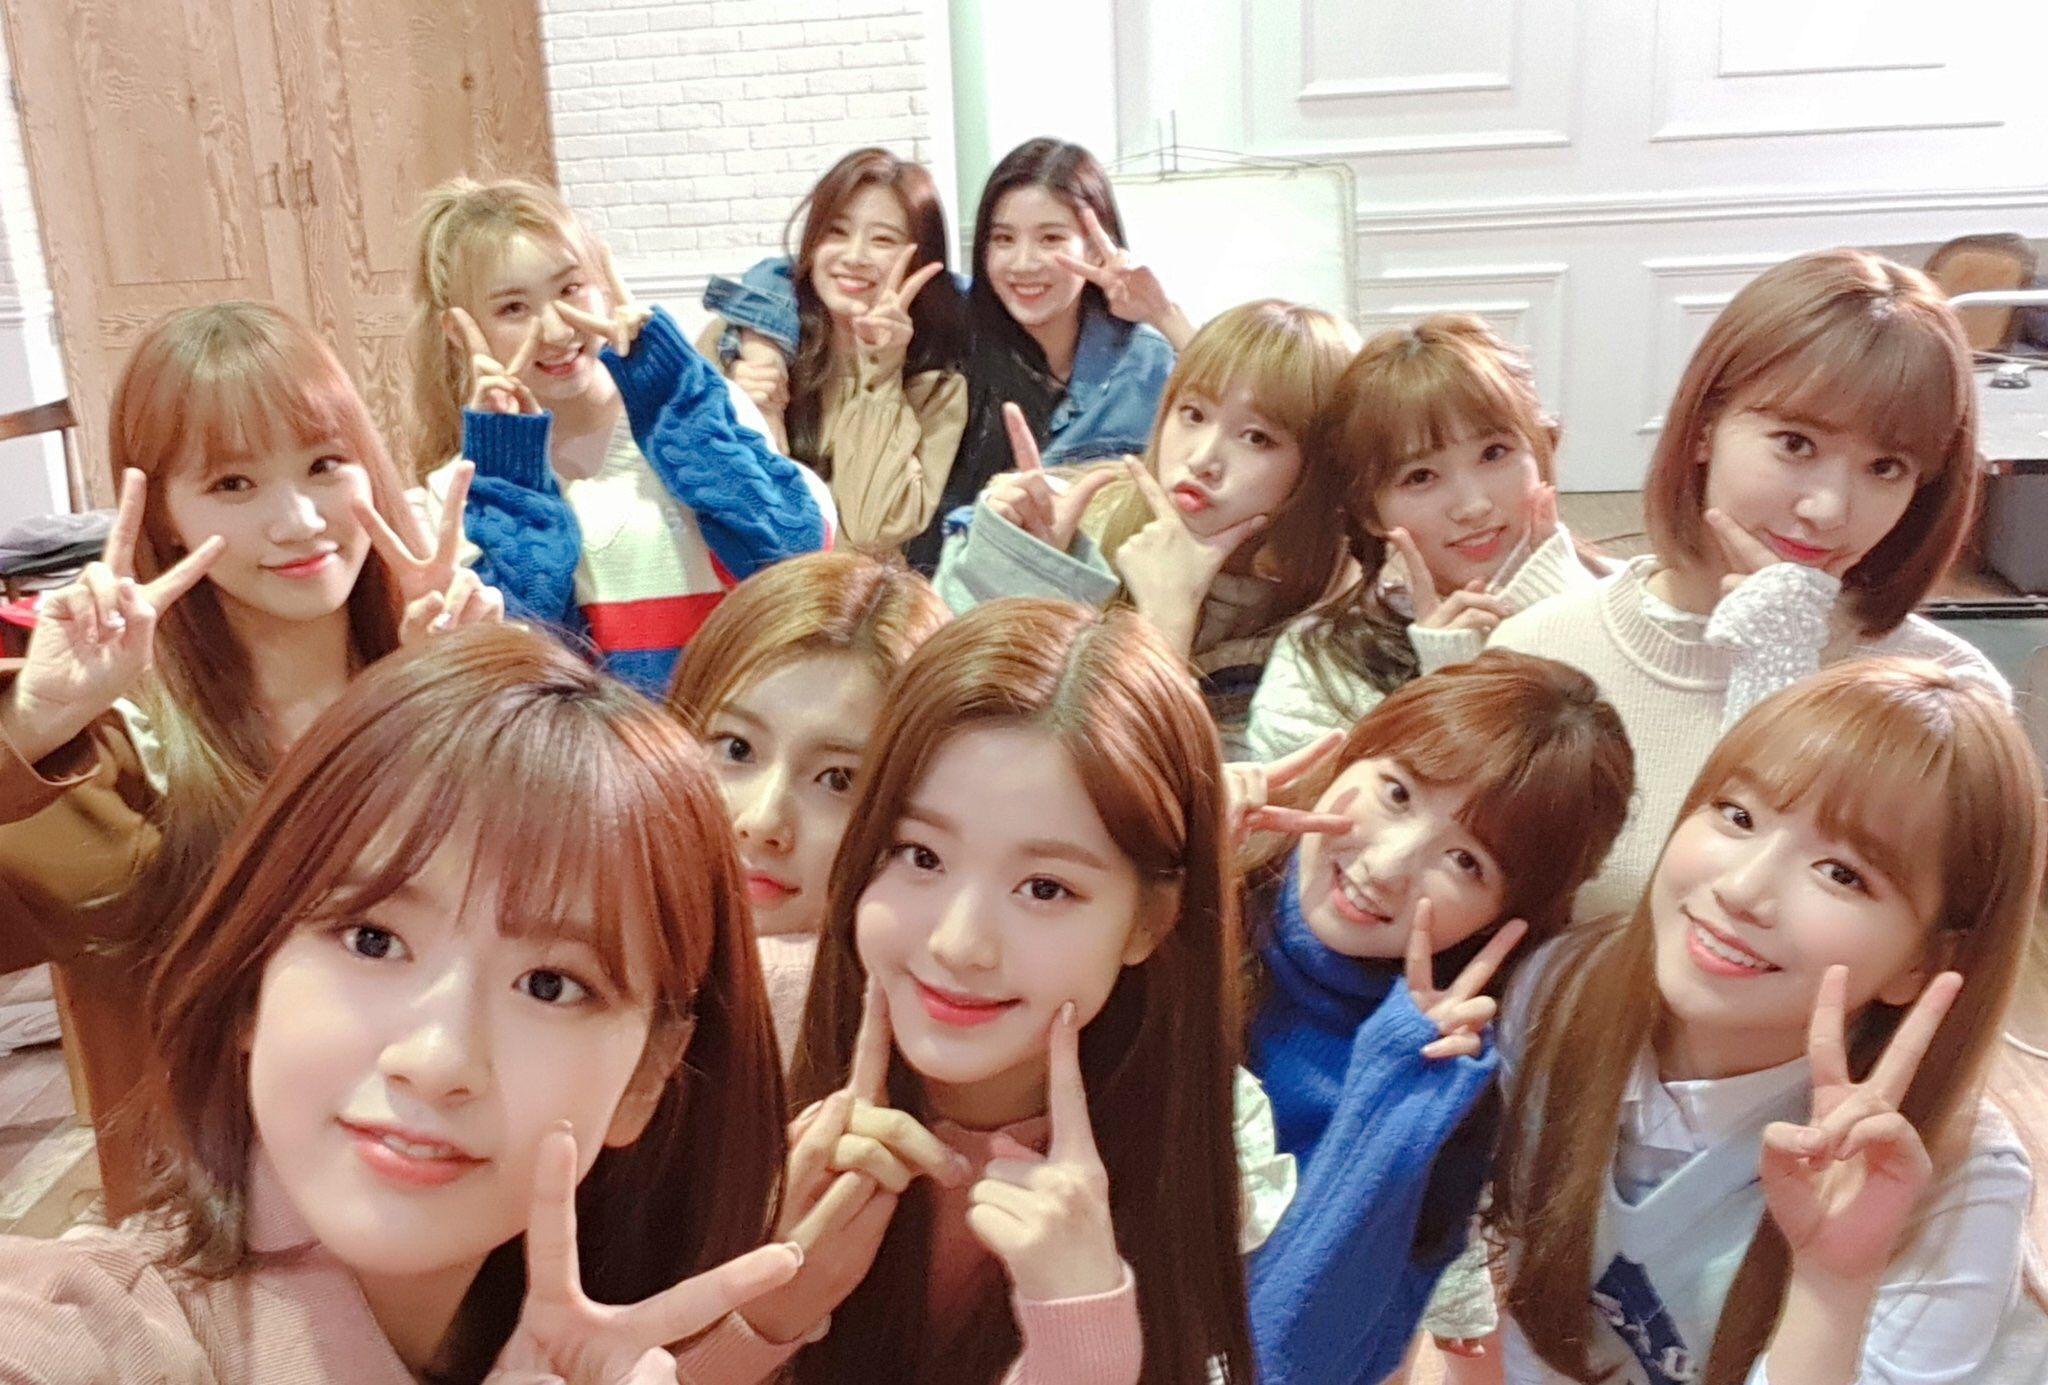 Izone Kpop Girl Bands Korean Girl Groups Kpop Girl Groups